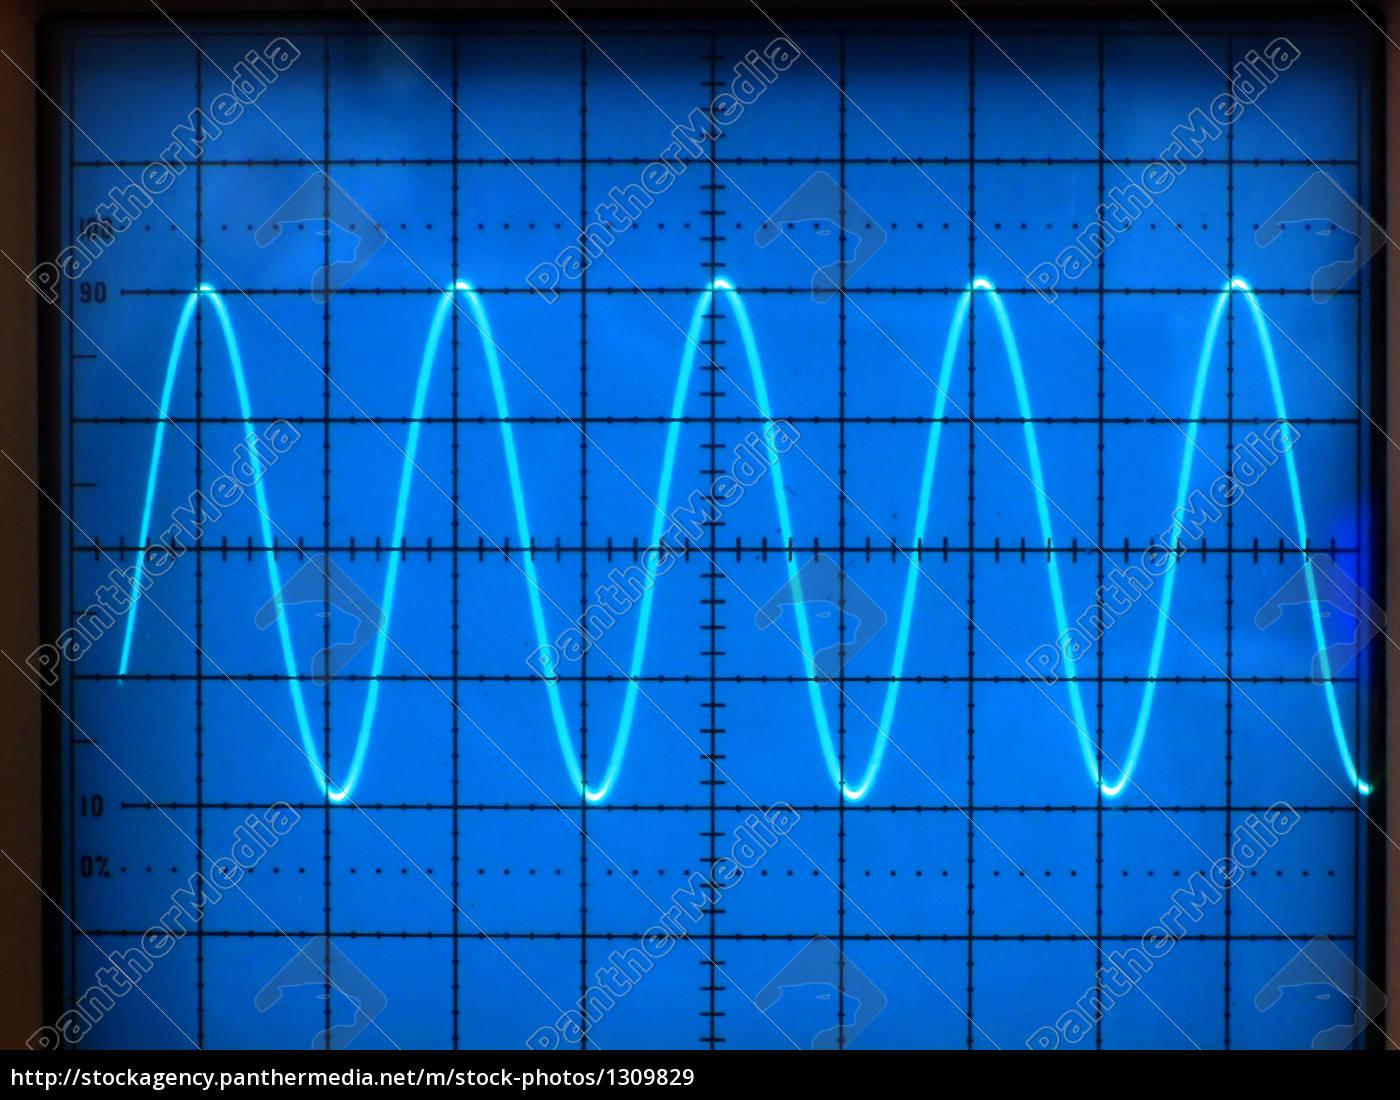 elektrische signale - Lizenzfreies Bild - #1309829 - Bildagentur ...